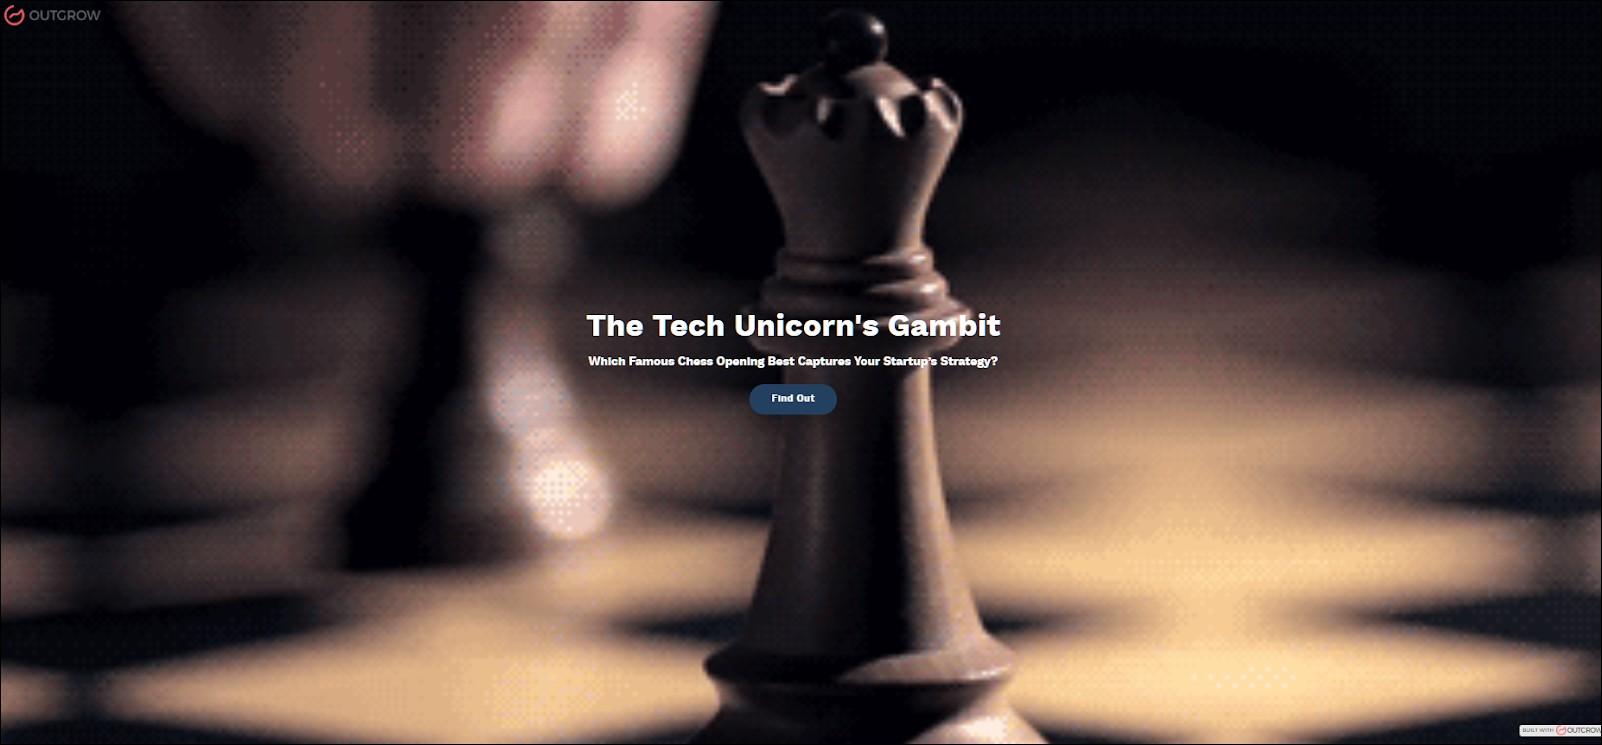 startup's gambit